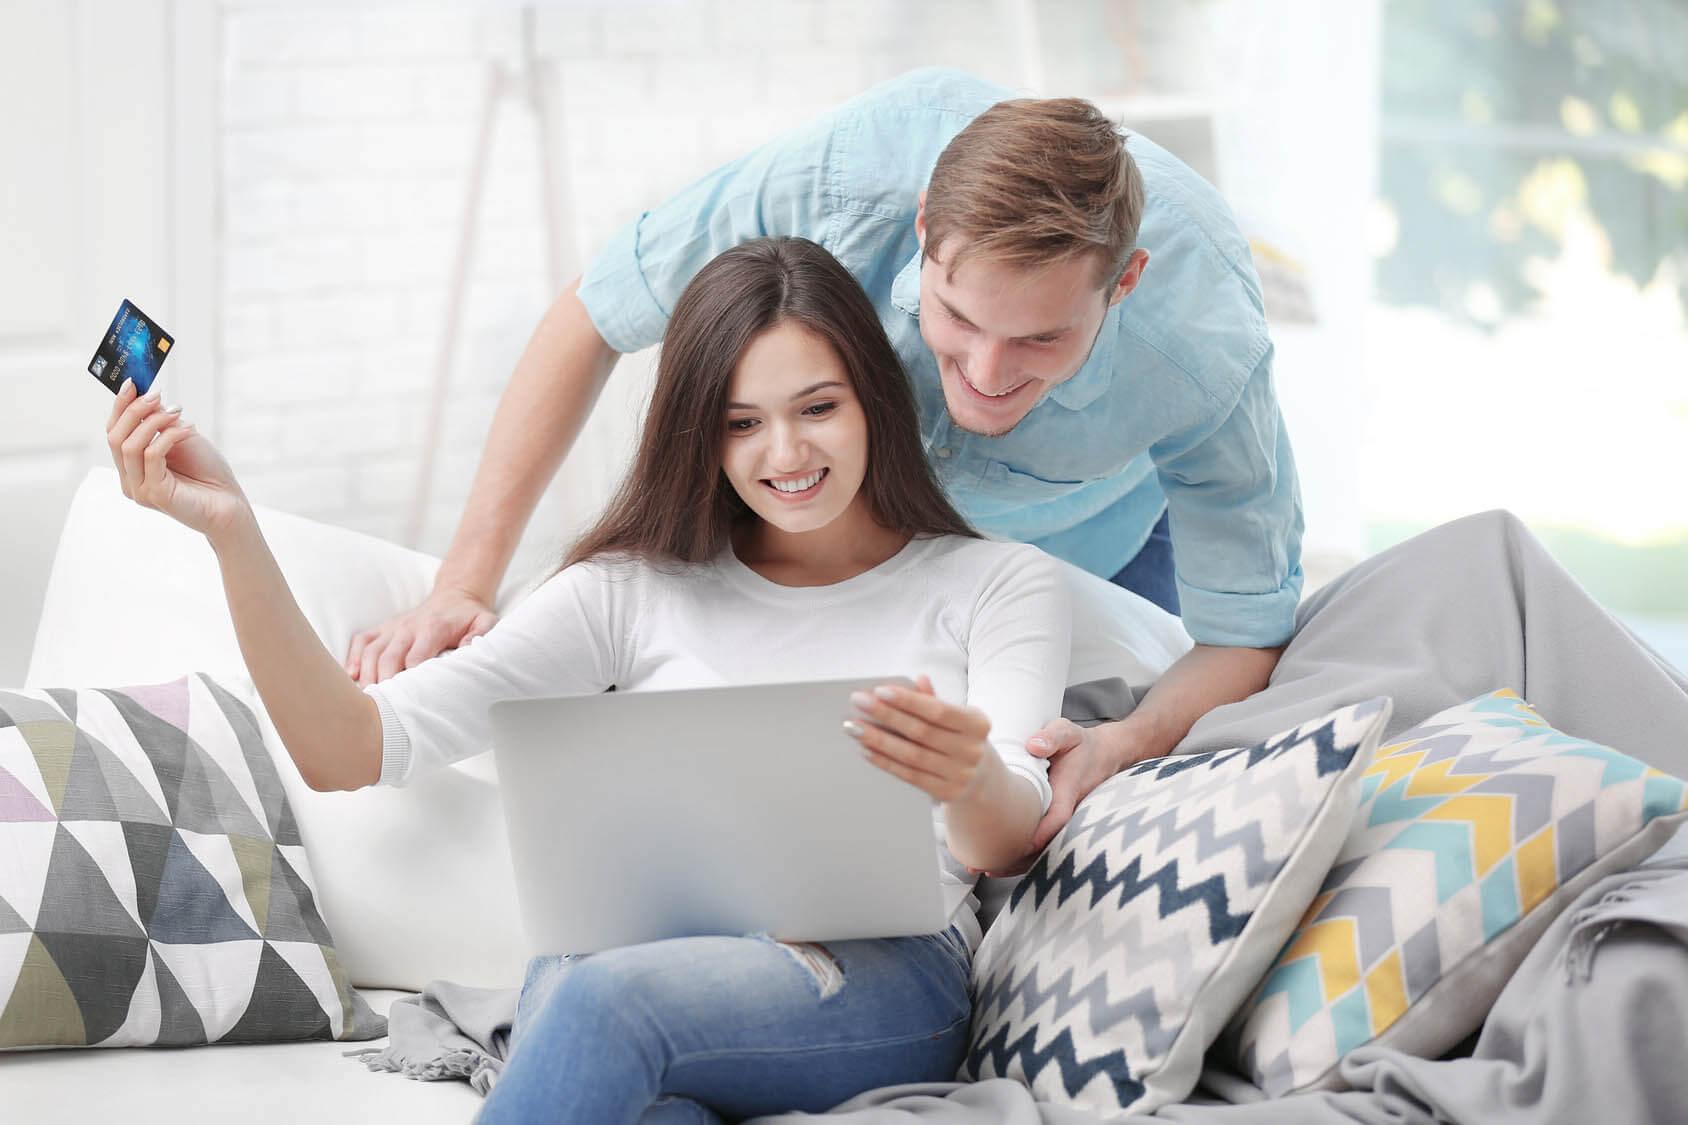 3 روش فروش اینترنتی برای ایجاد رضایت بیشتر در مشتریان